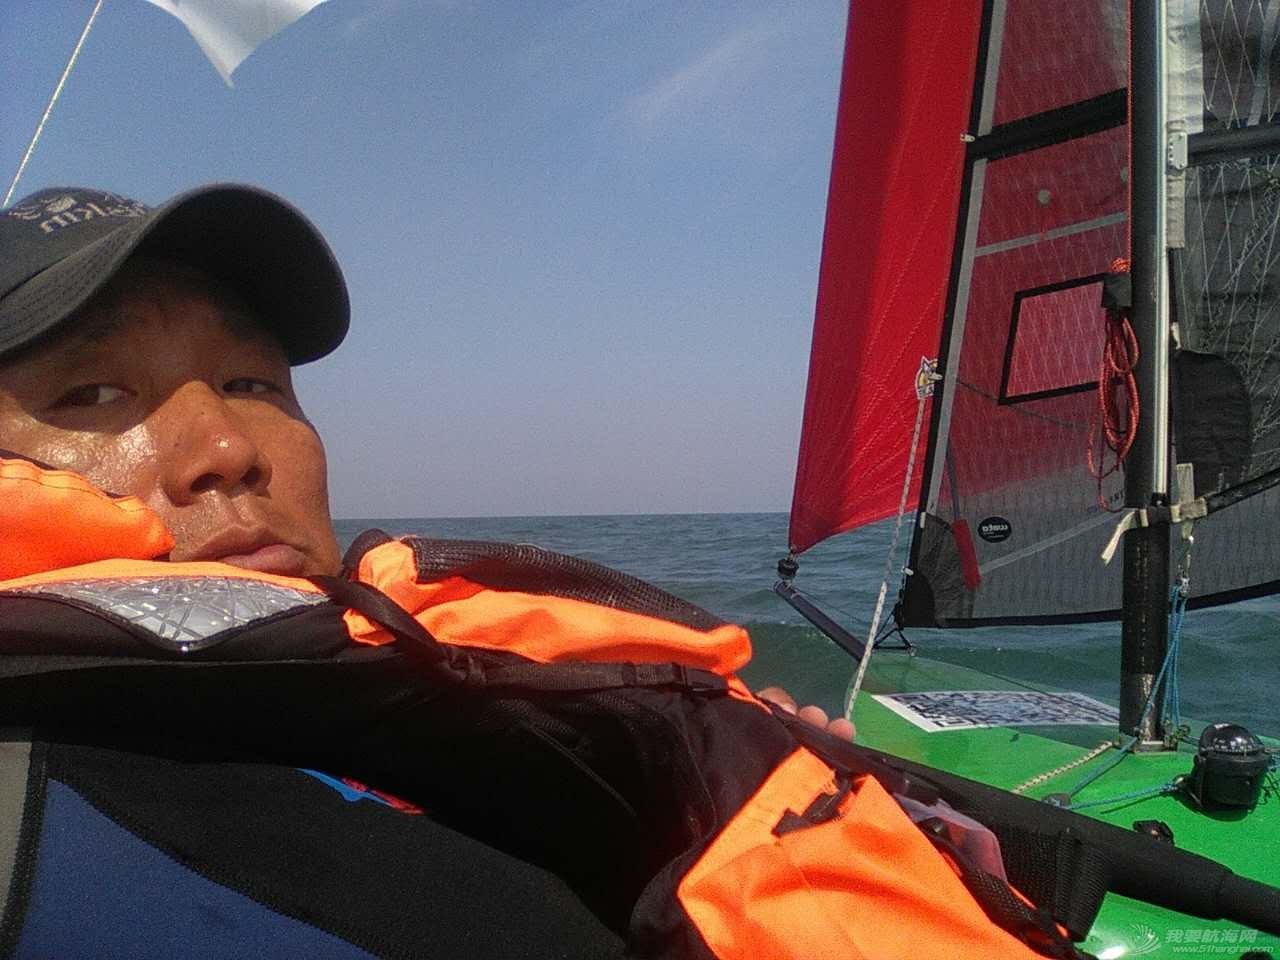 中国,渤海,帆船 中国首次单人单船无停靠无动力驾驶三体帆船穿越渤海 173357133359324571.jpg